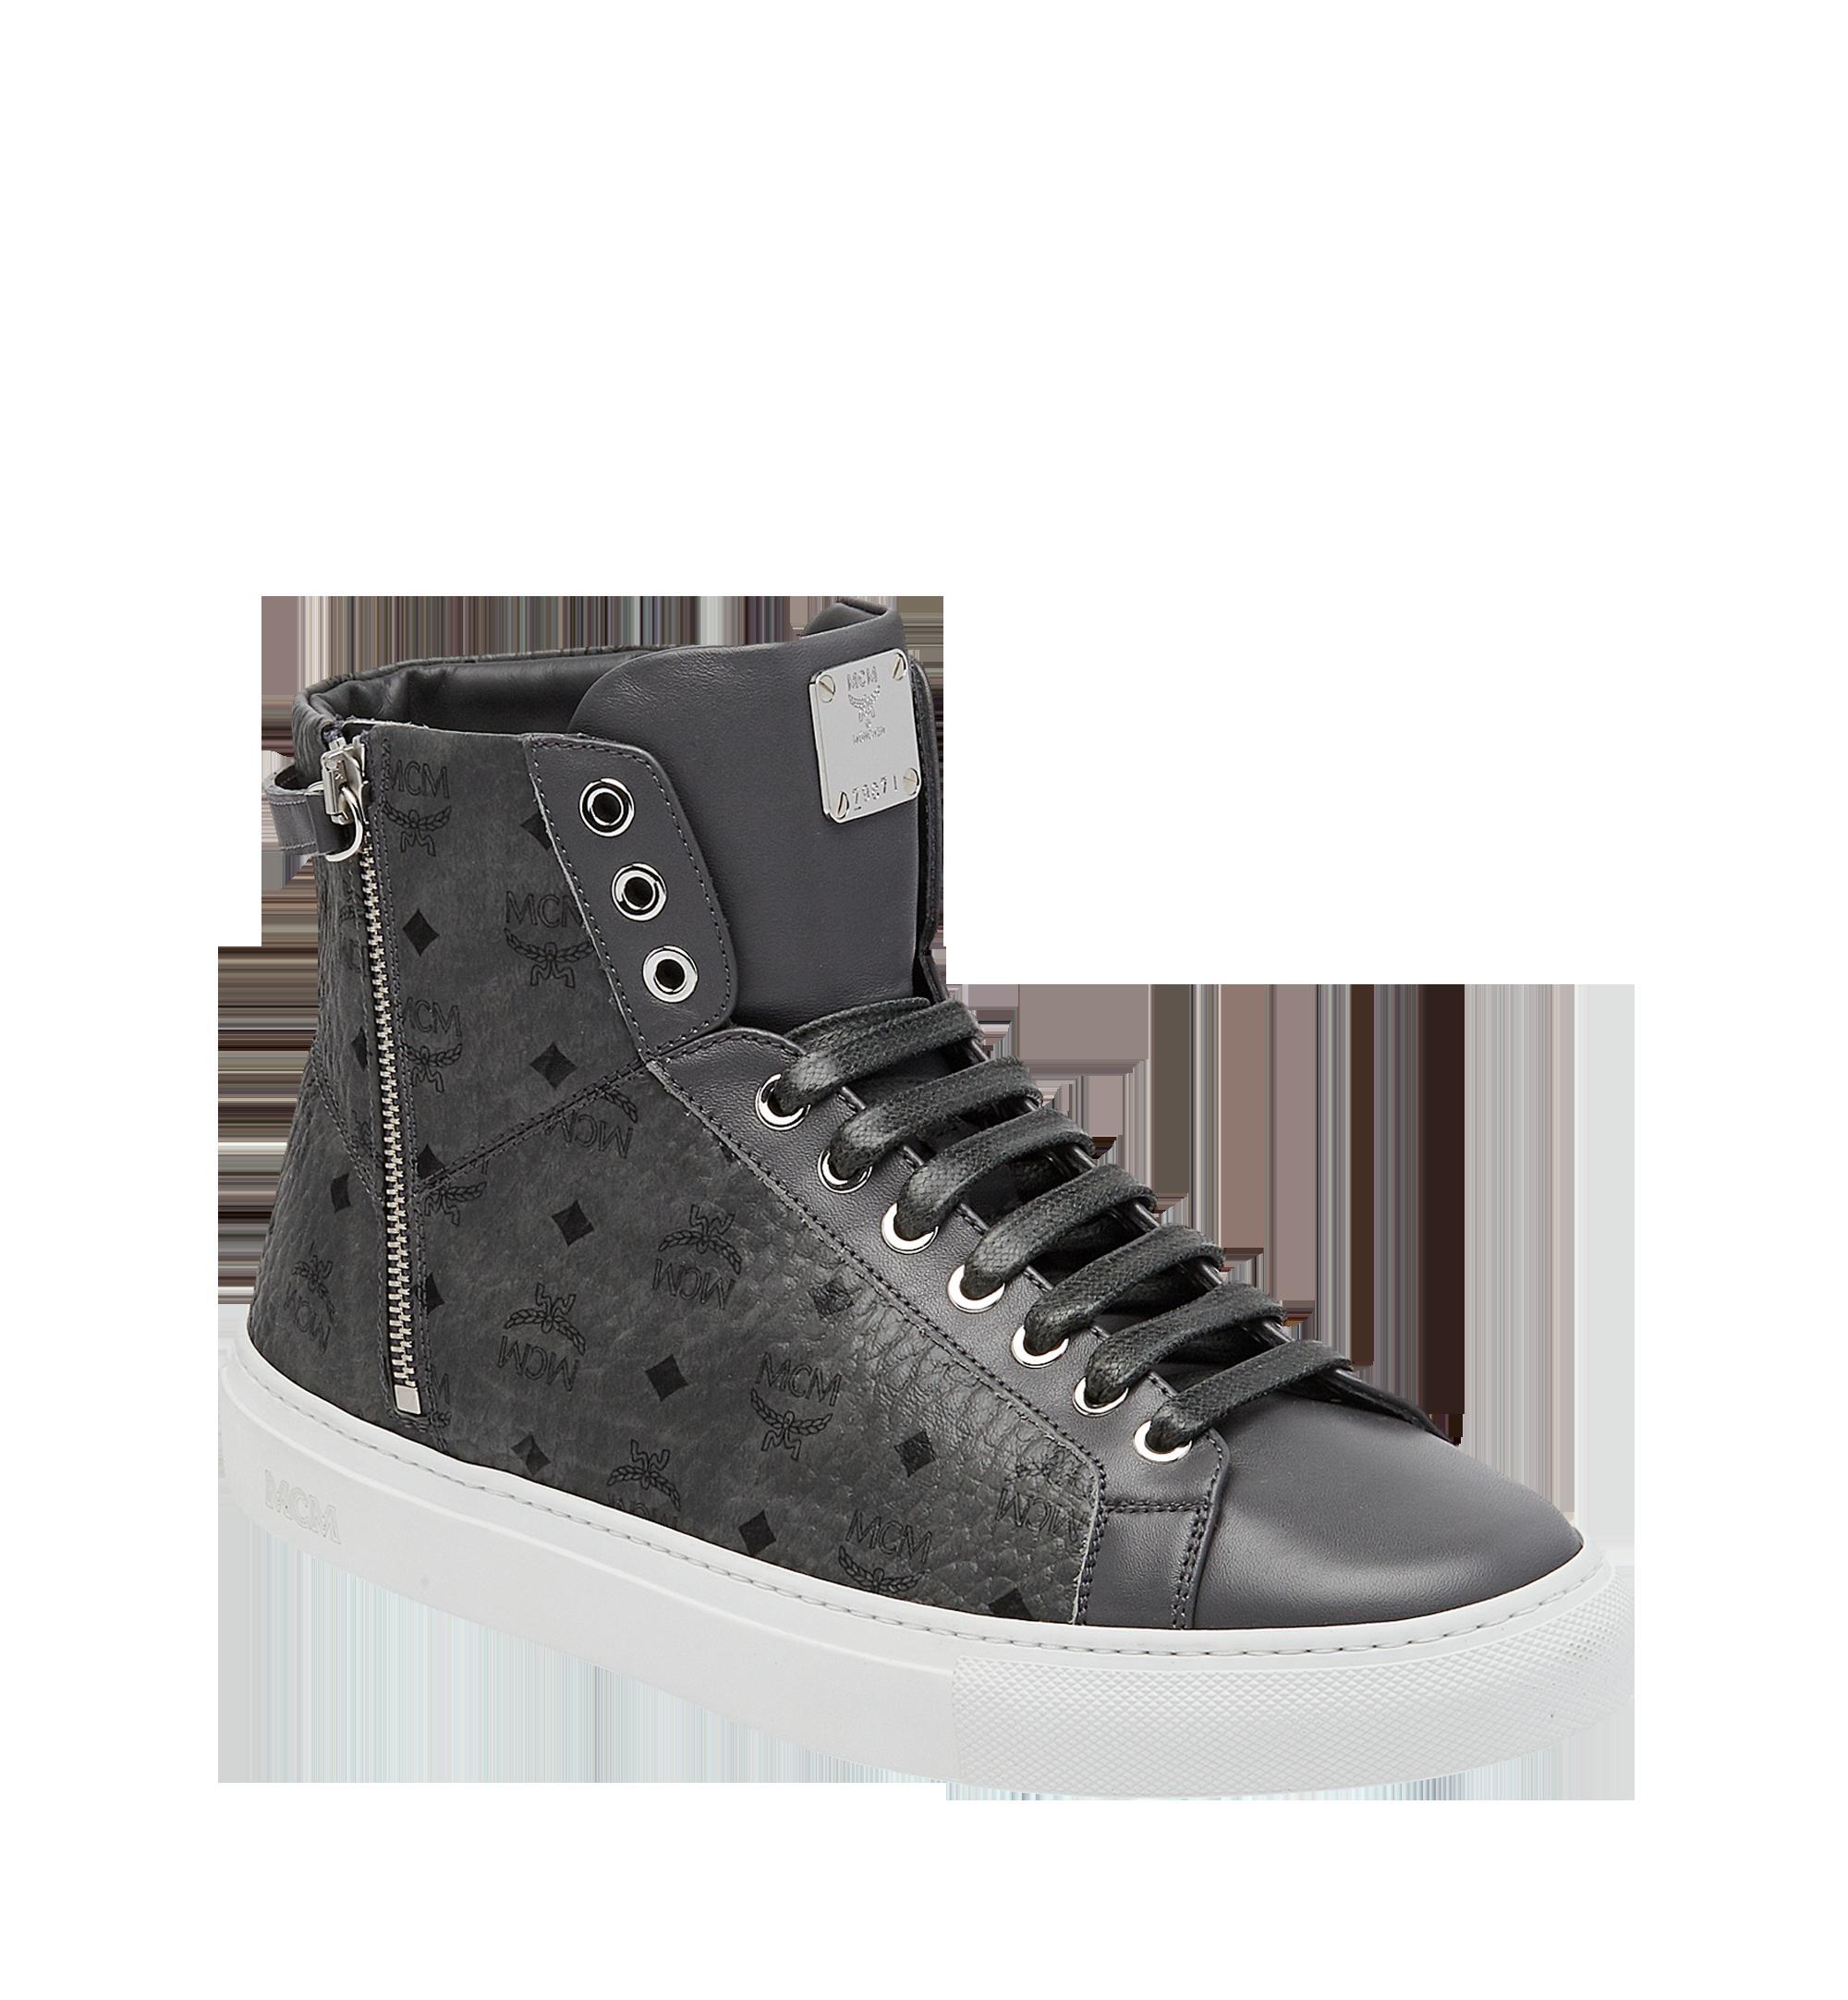 7273f846706 Mcm Women s High Top Turnlock Sneakers In Visetos In Eg